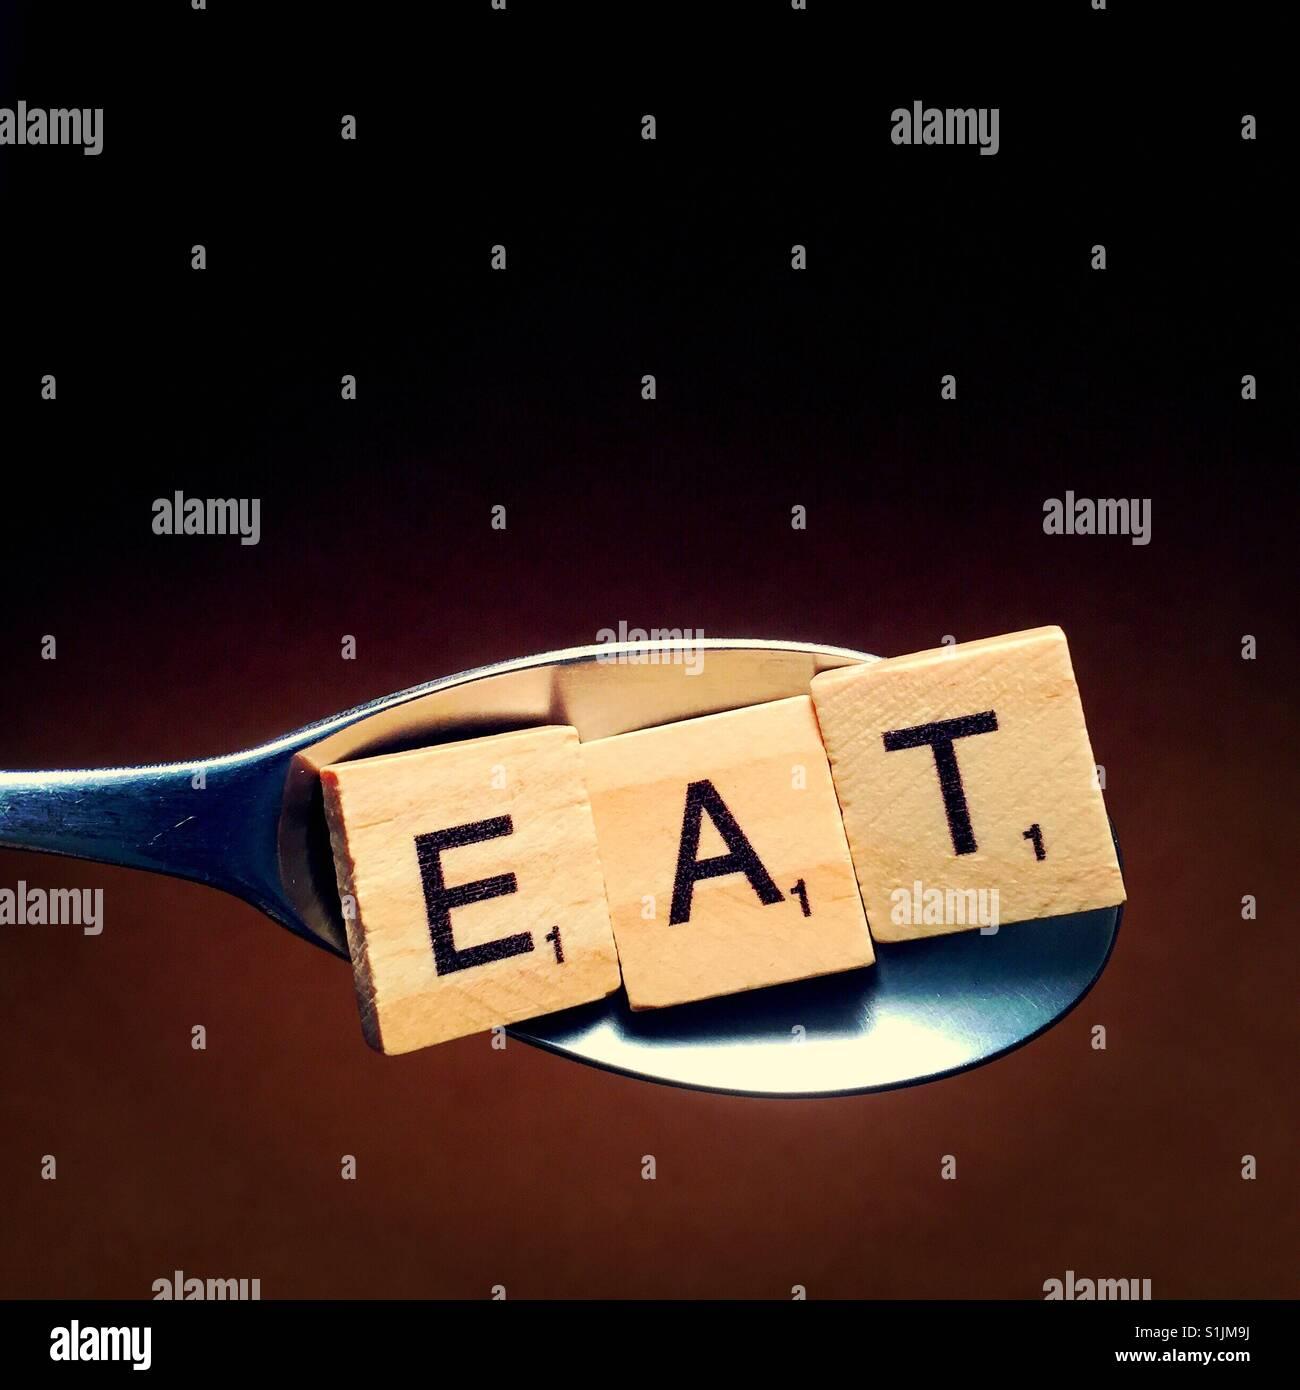 Nahaufnahme eines Löffels mit Holzbuchstaben drauf, die Schreibweise des Wortes Essen Stockbild